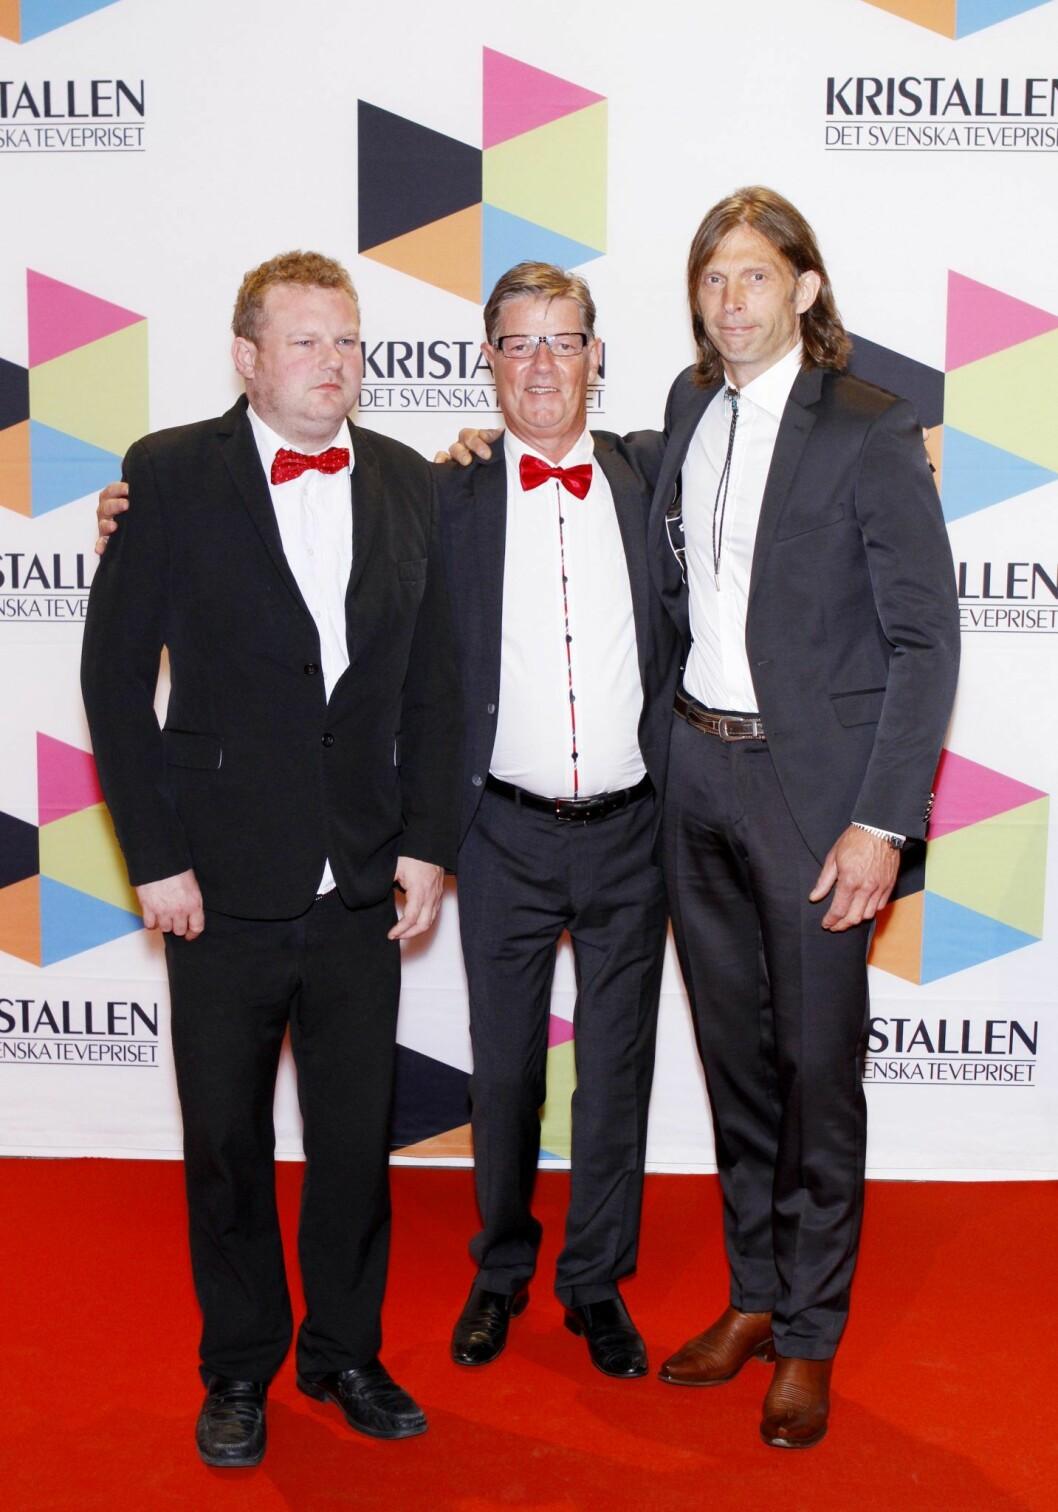 Morgan Karlsson, Ola-Conny Wallgren och Boris Lennerhov från Ullared går på röda mattan